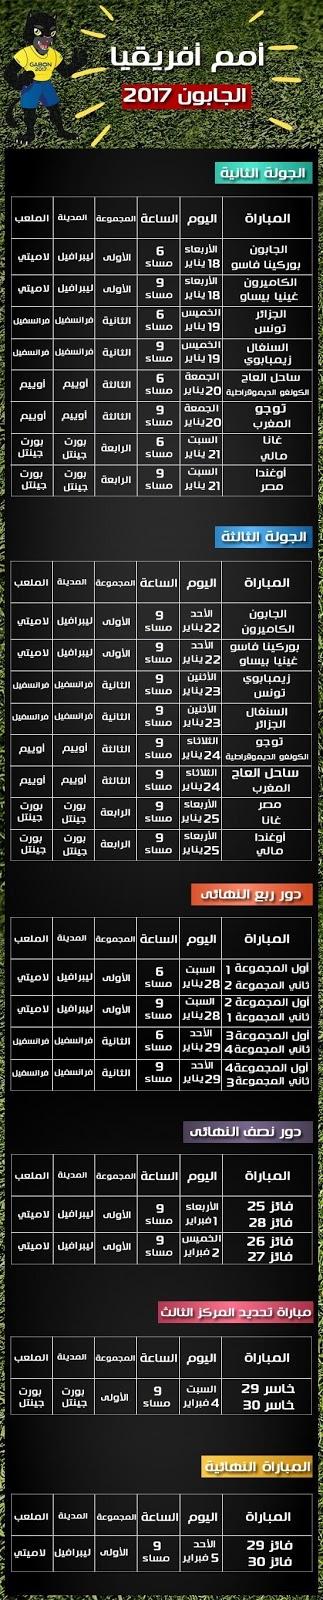 حصريا, جدول ,مجموعات ومواعيد مباريات كاس امم افريقيا ,الغابون,الكان, 2017